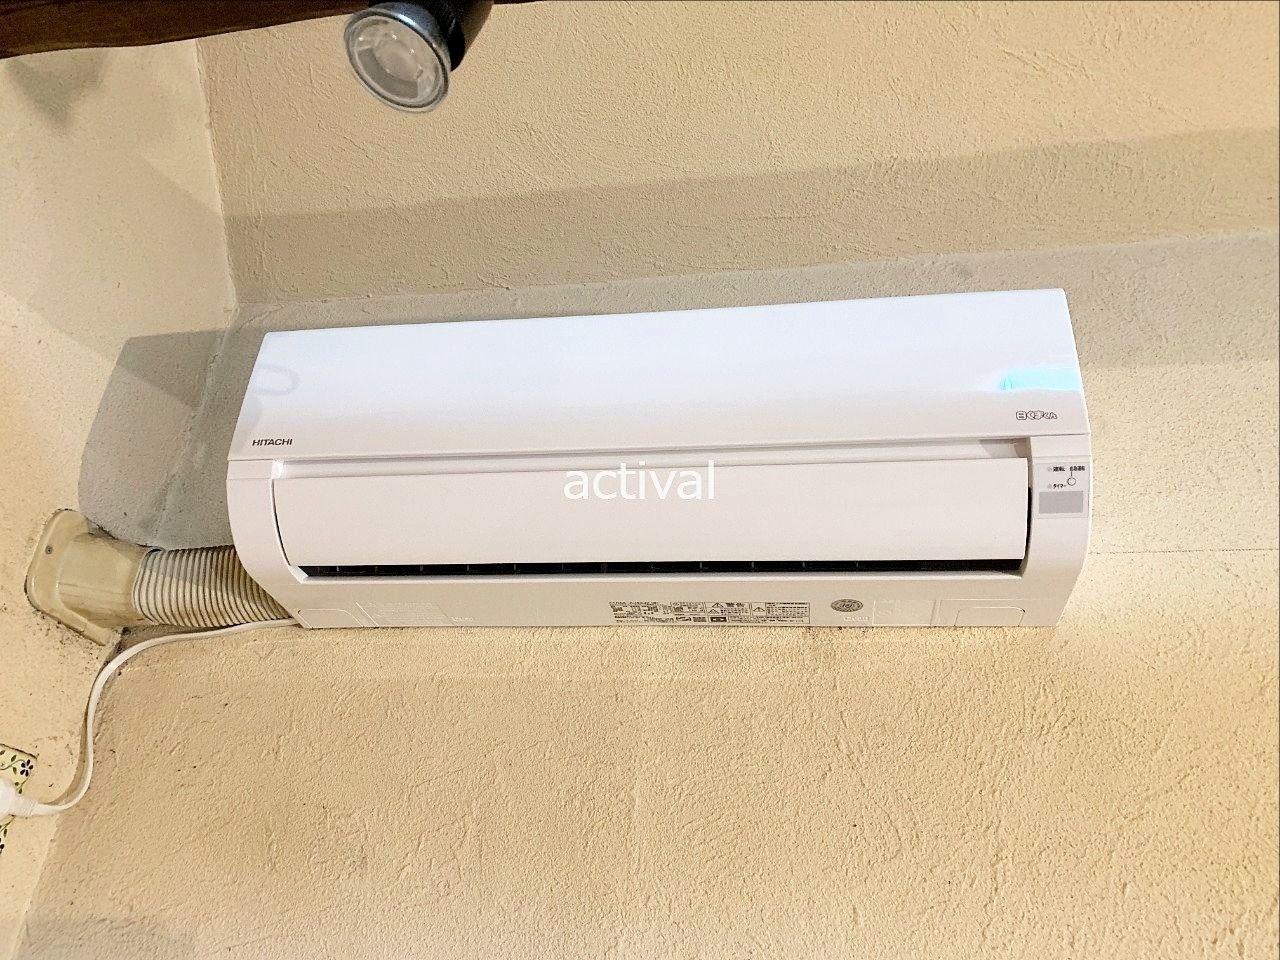 壁掛け型エアコンの取り付けが完了しました。